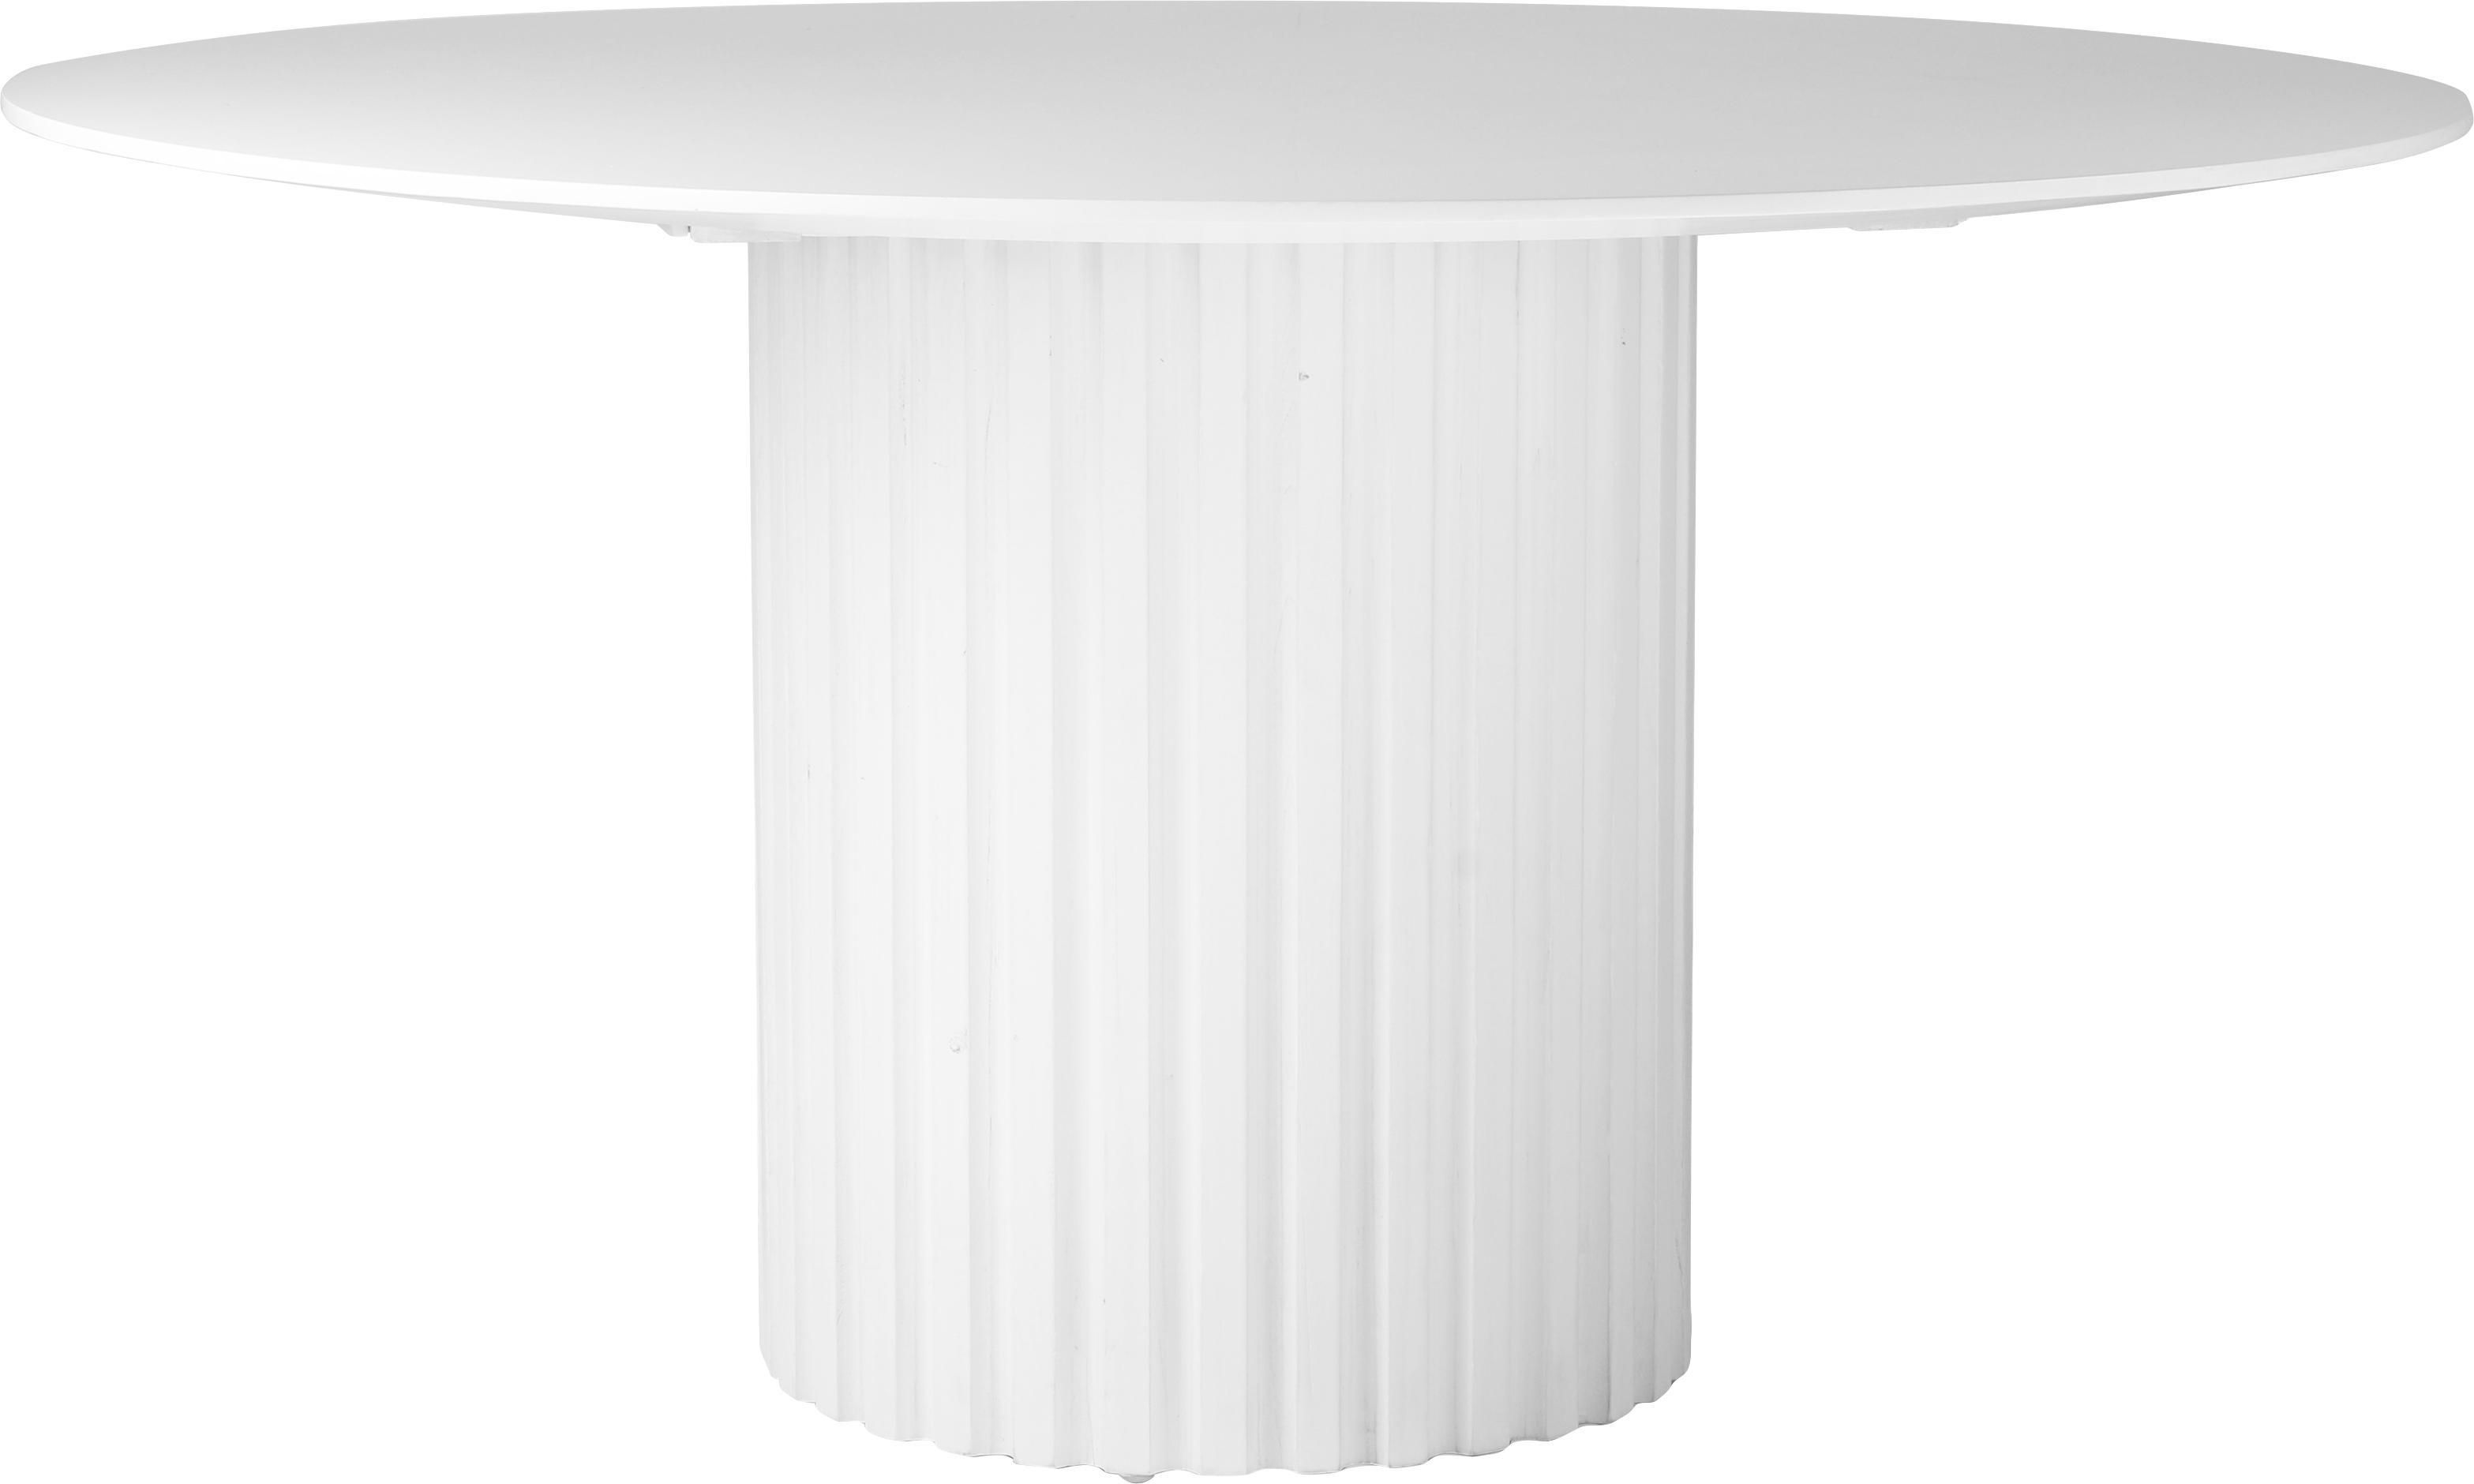 Runder Esstisch Pillar in Weiss, Sungkai-Holz, Mitteldichte Holzfaserplatte (MDF), Weiss, Ø 140 x H 75 cm